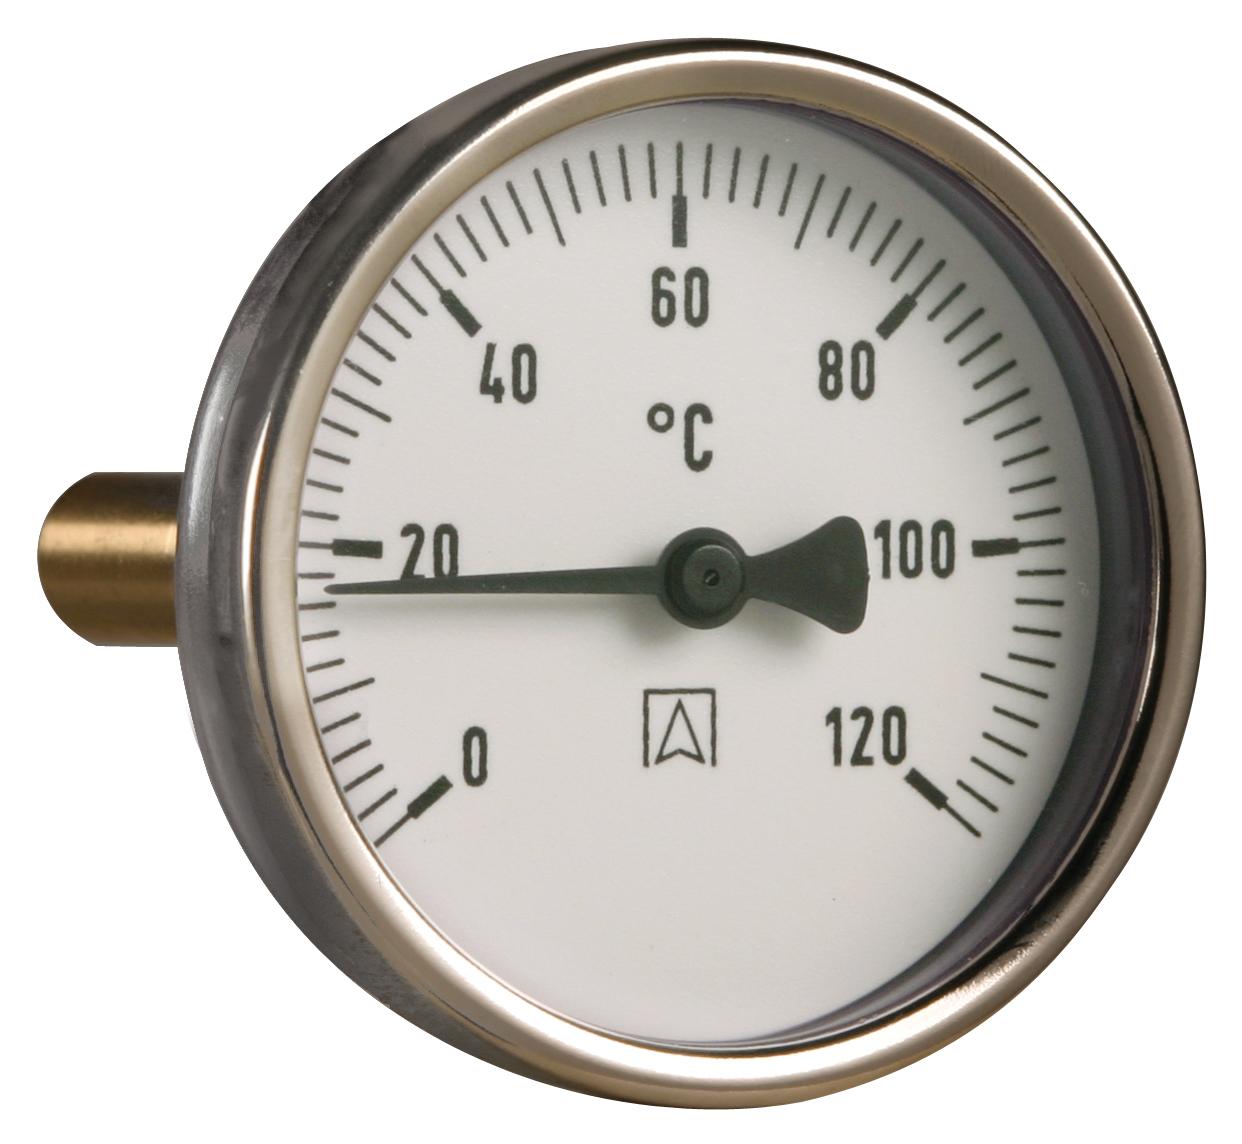 Termometr bimetaliczny BiTh 100,fi100 mm, -20÷60°C, L 63 mm, G1/2'' ax, kl. 2